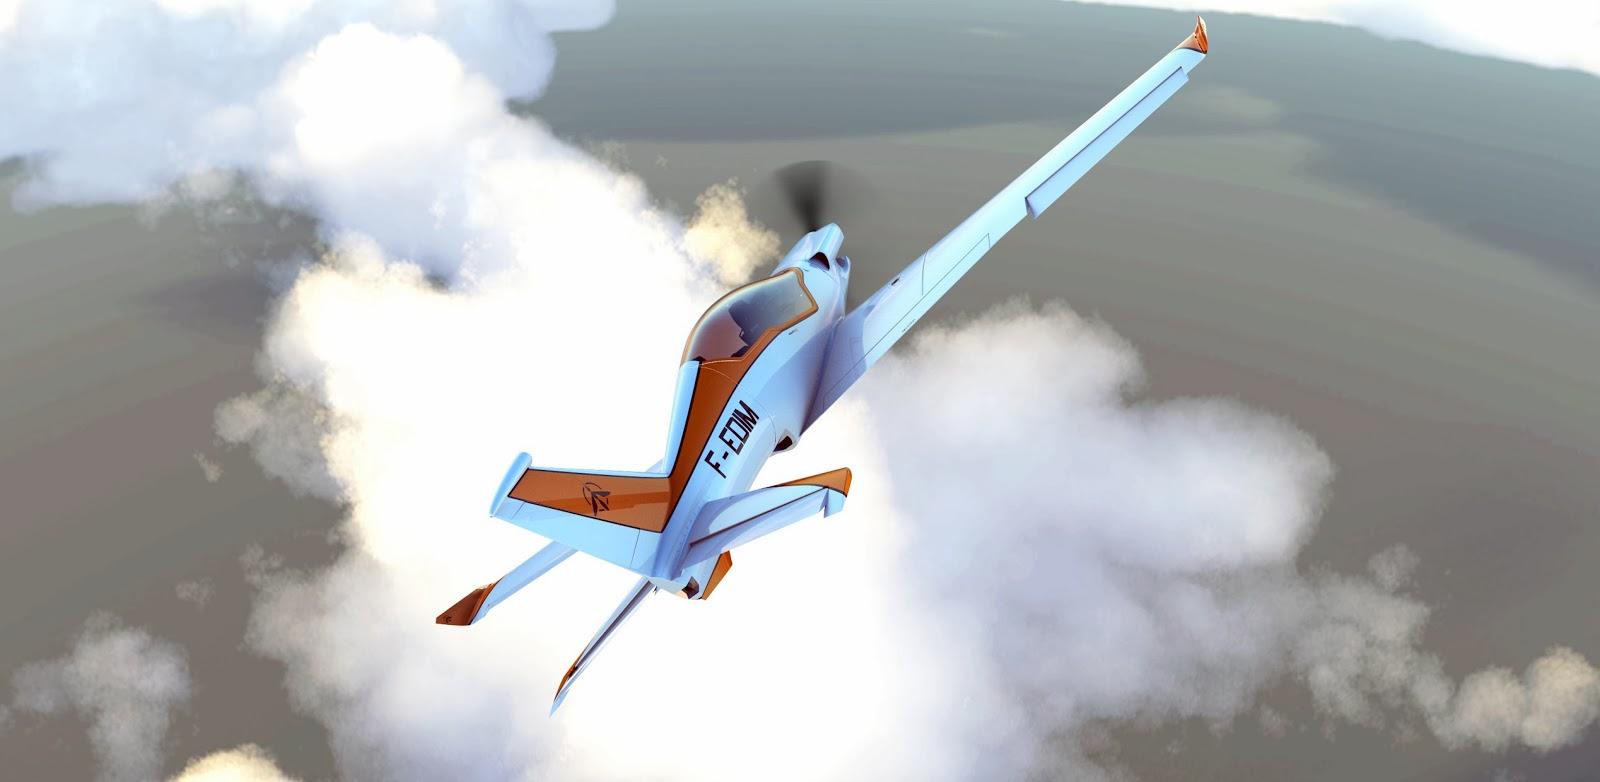 Projet Mosquito 200: un concept plane impressionnant créé par 5 étudiants